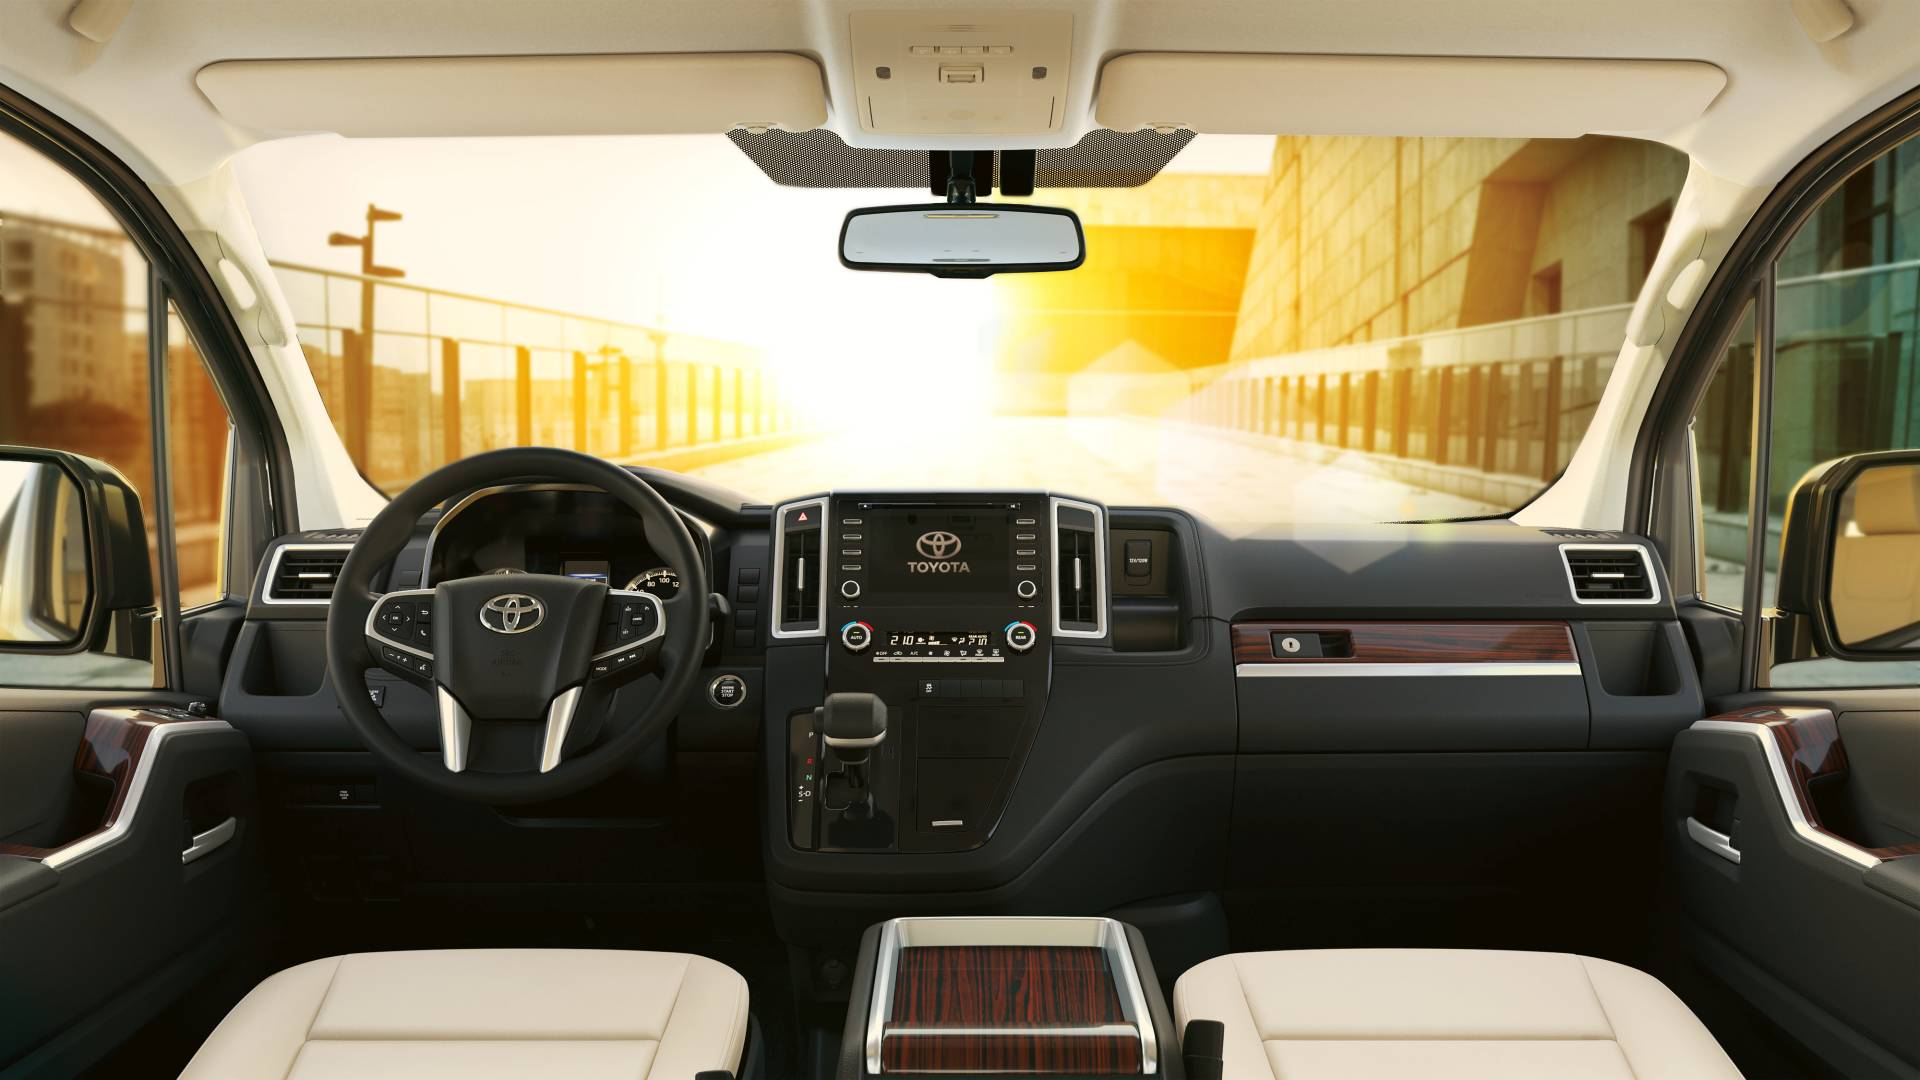 Ra mắt Toyota Granvia 7 chỗ dành cho nhà giàu, dựa trên nền tảng Hiace - 04